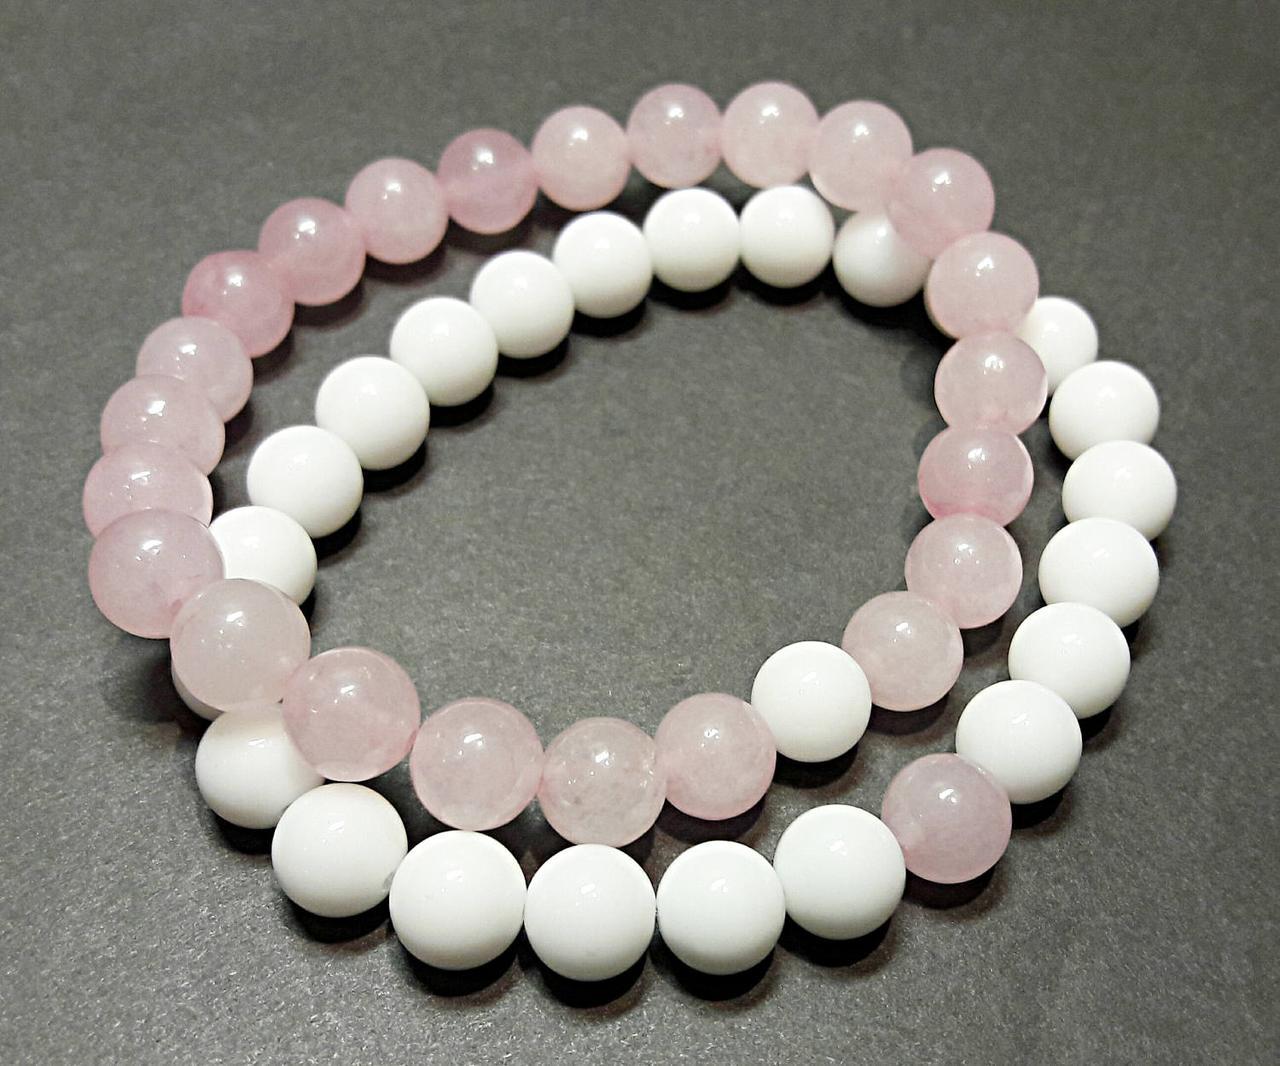 Браслеты для влюбленных из натурального камня розовый кварц и белый агат